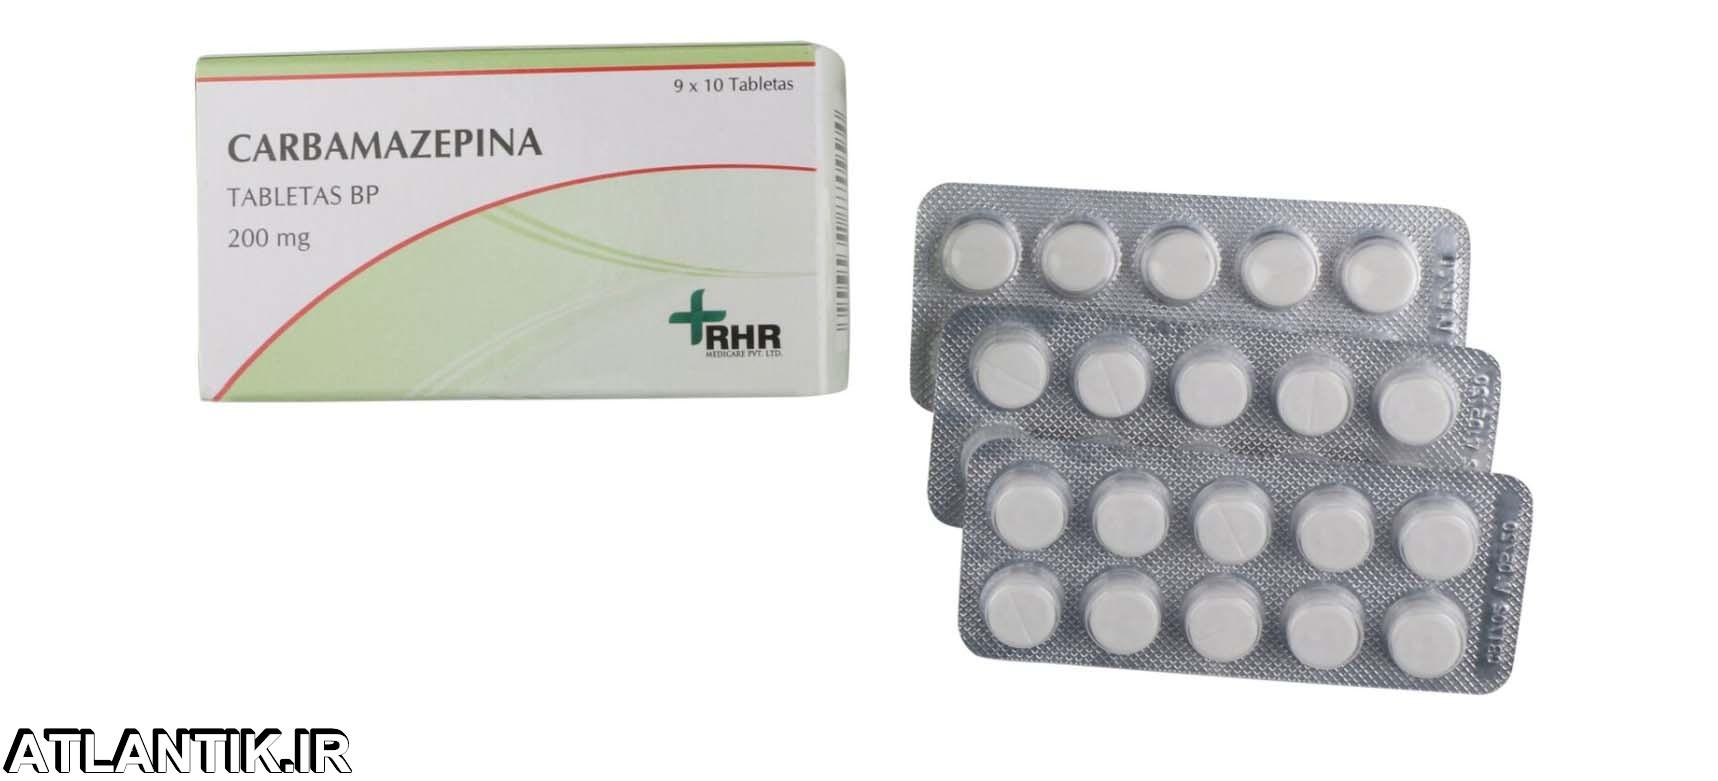 معرفي داروي روان گردان کاربامازپین – Carbamazepine